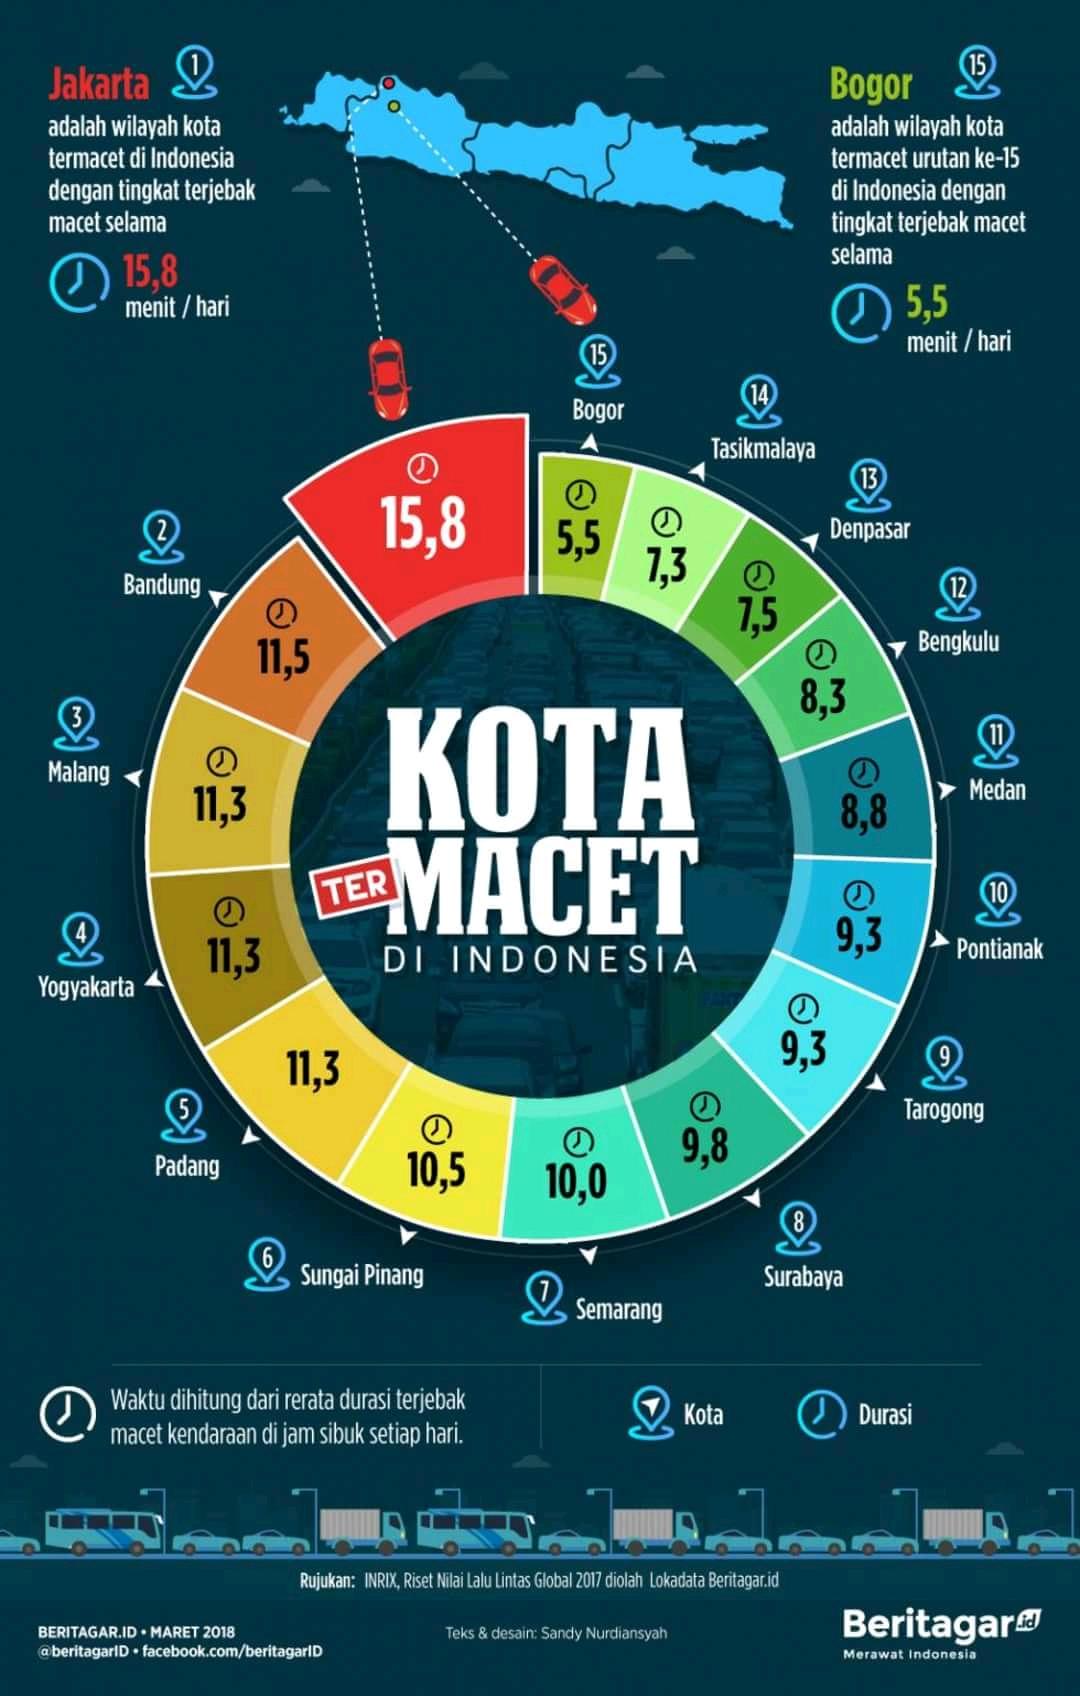 7 Kota Termacet di Indonesia 1